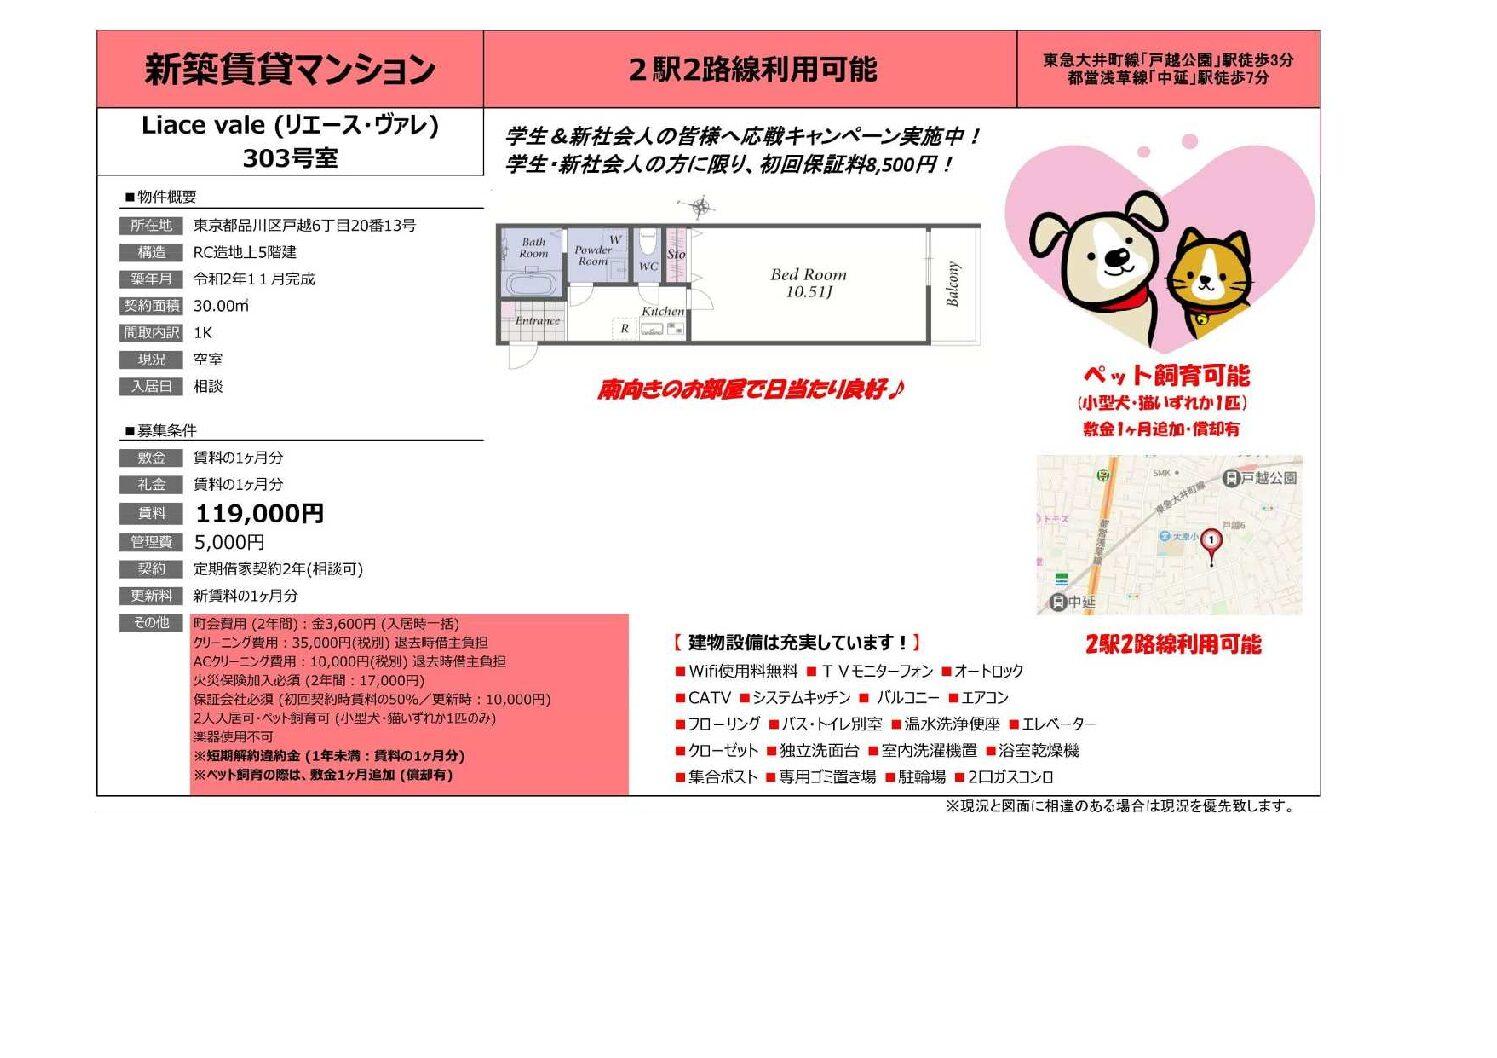 251.【リエース・ヴァレ】1Kお図面